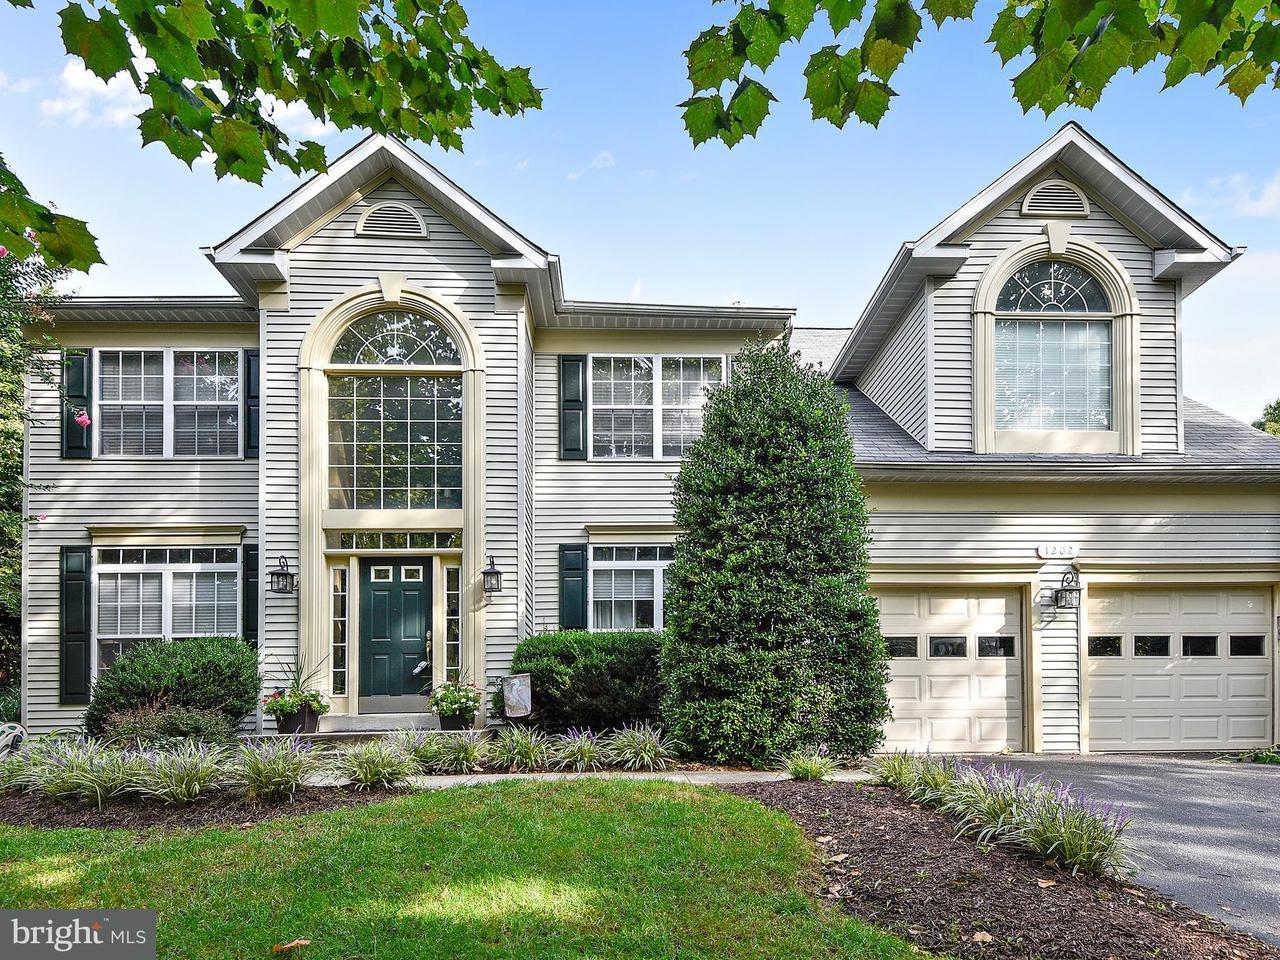 단독 가정 주택 용 매매 에 1202 Breckenridge Court 1202 Breckenridge Court Riva, 메릴랜드 21140 미국